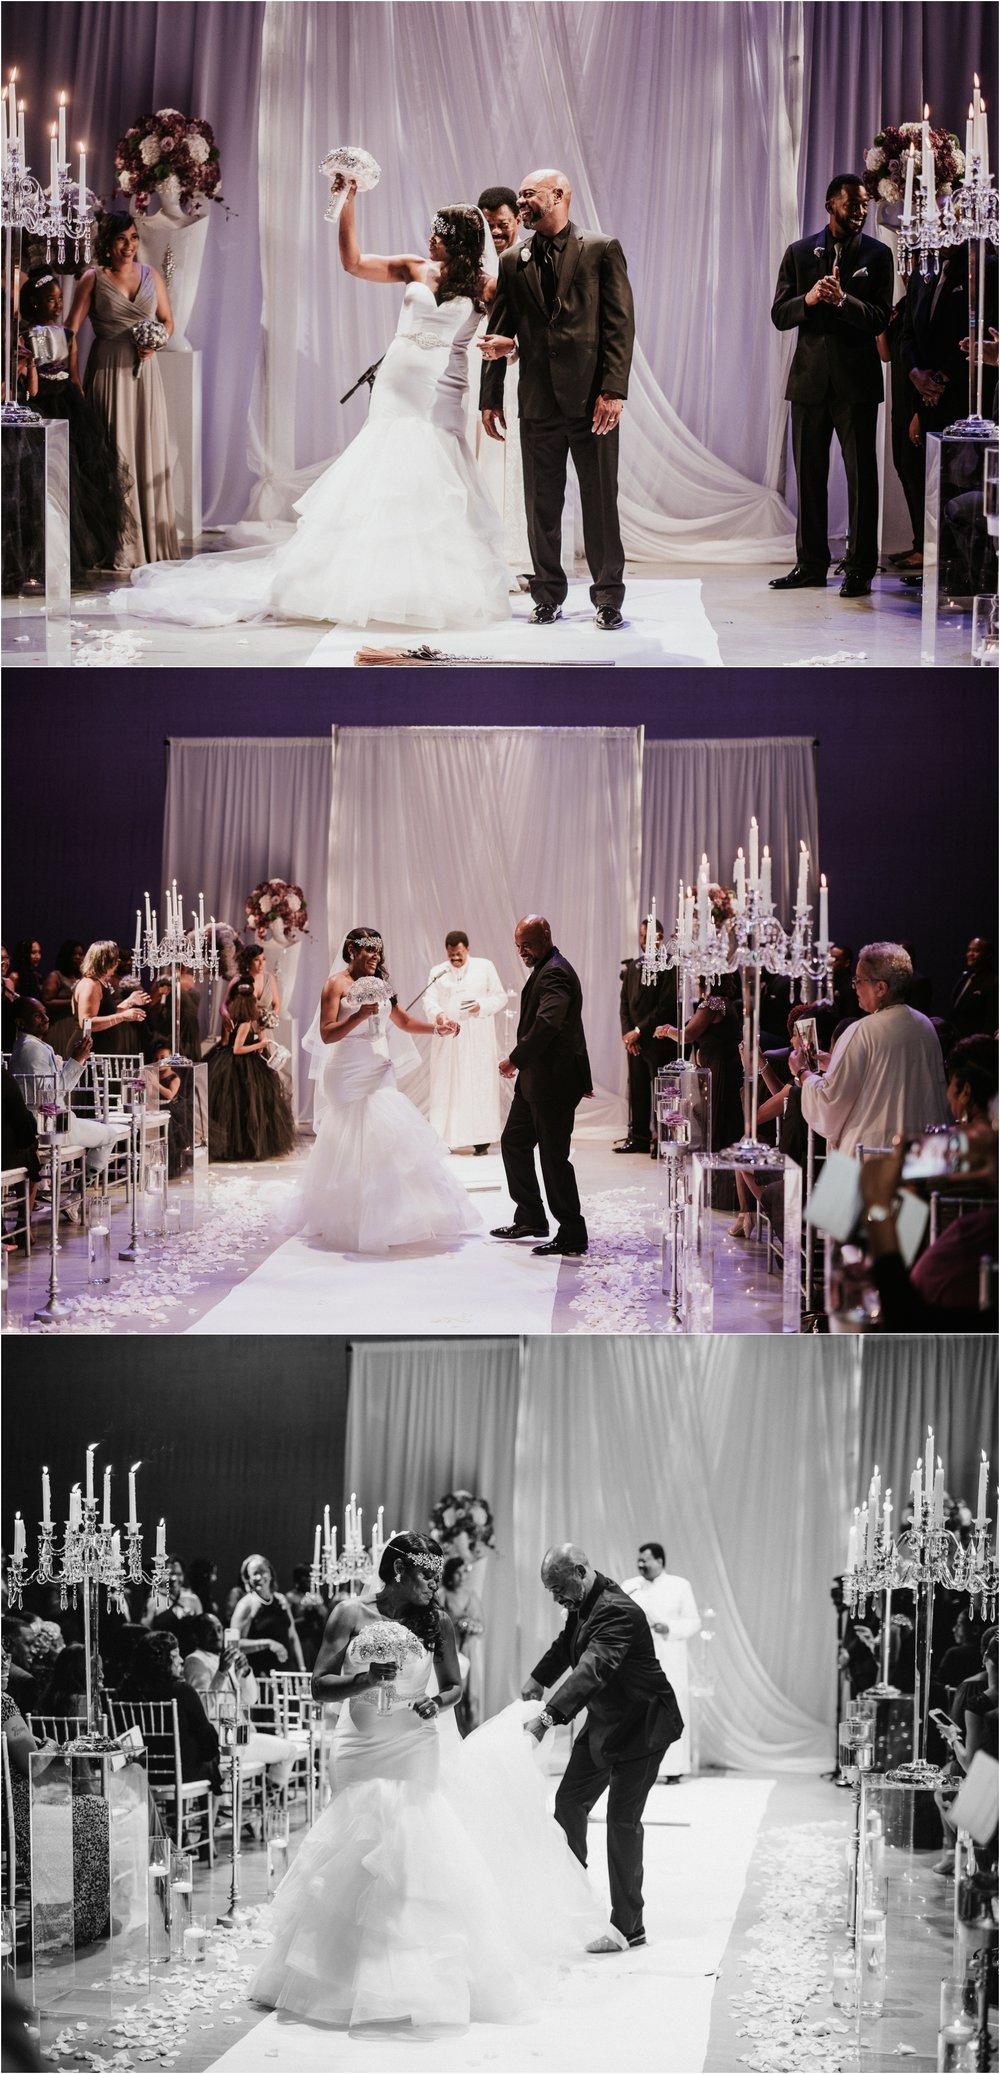 Charlotte-Ballet-Wedding-Photographer-56.jpg